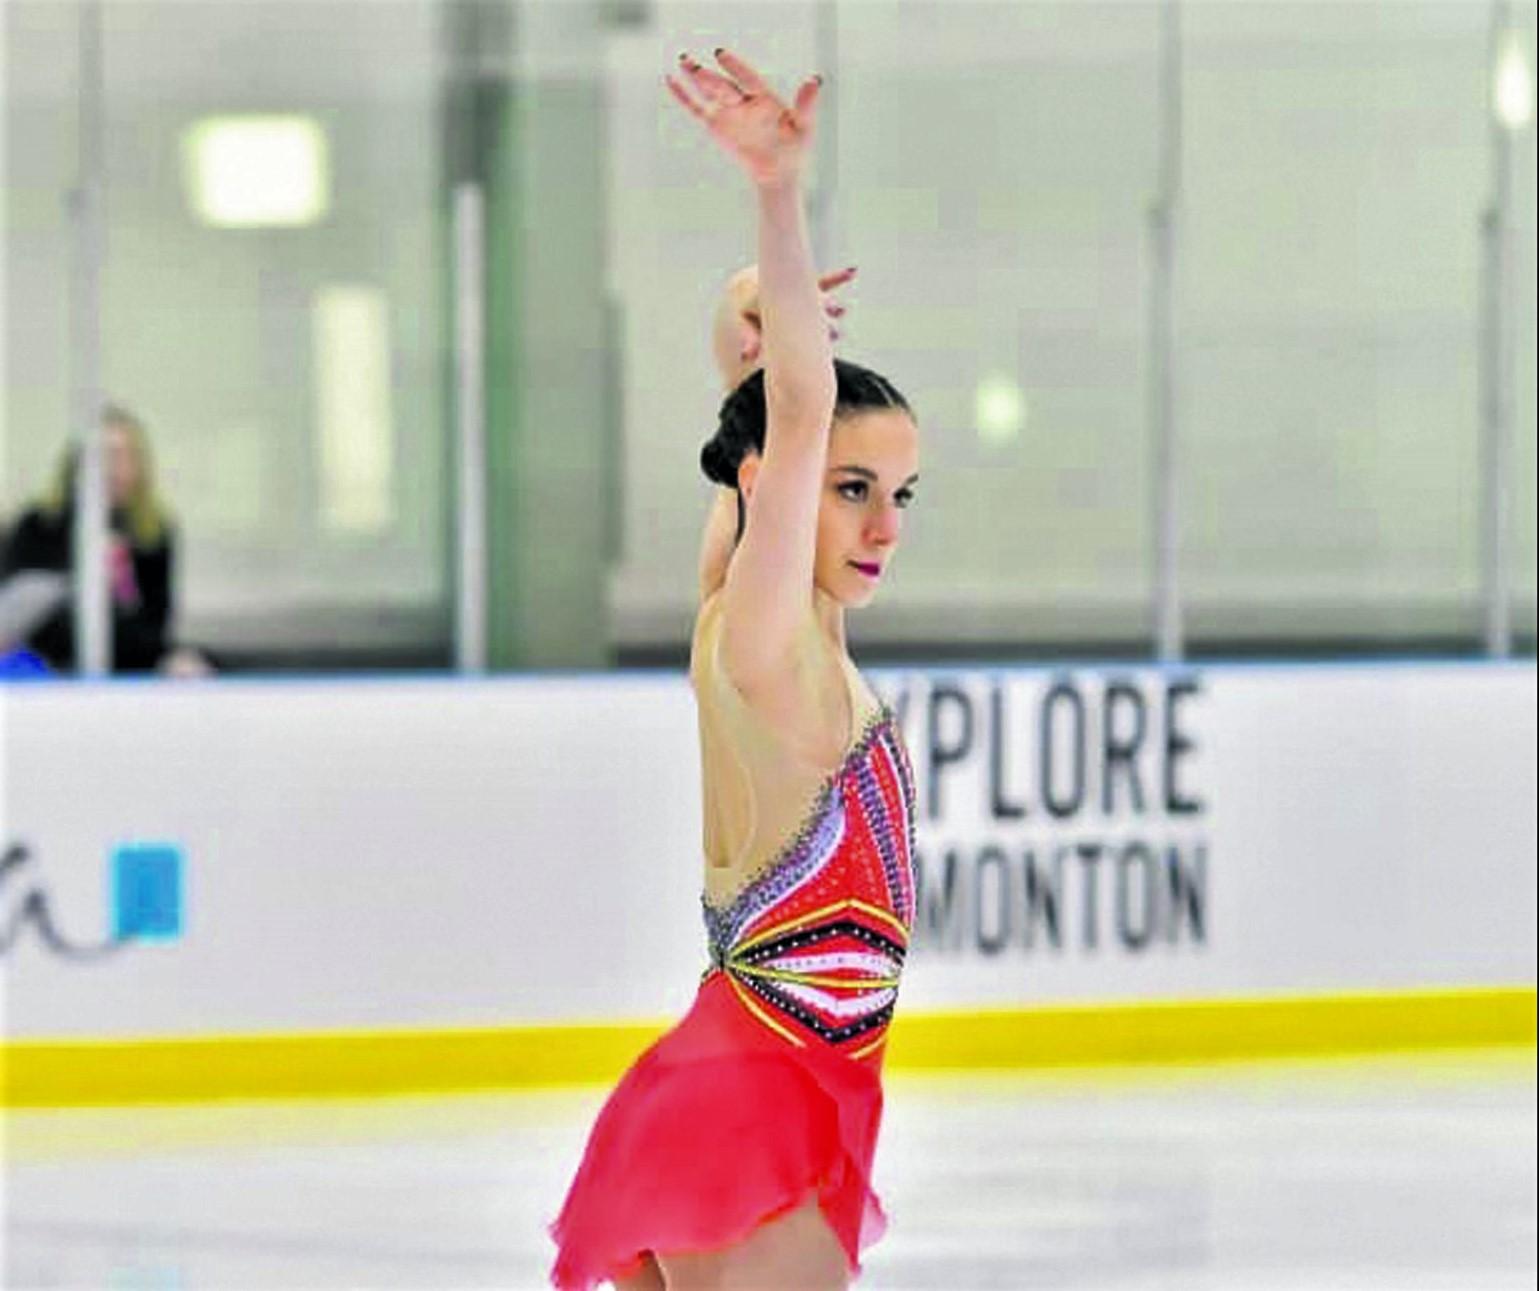 Championnats canadiens de patinage artistique: Kim Decelles finit 7e au programme court